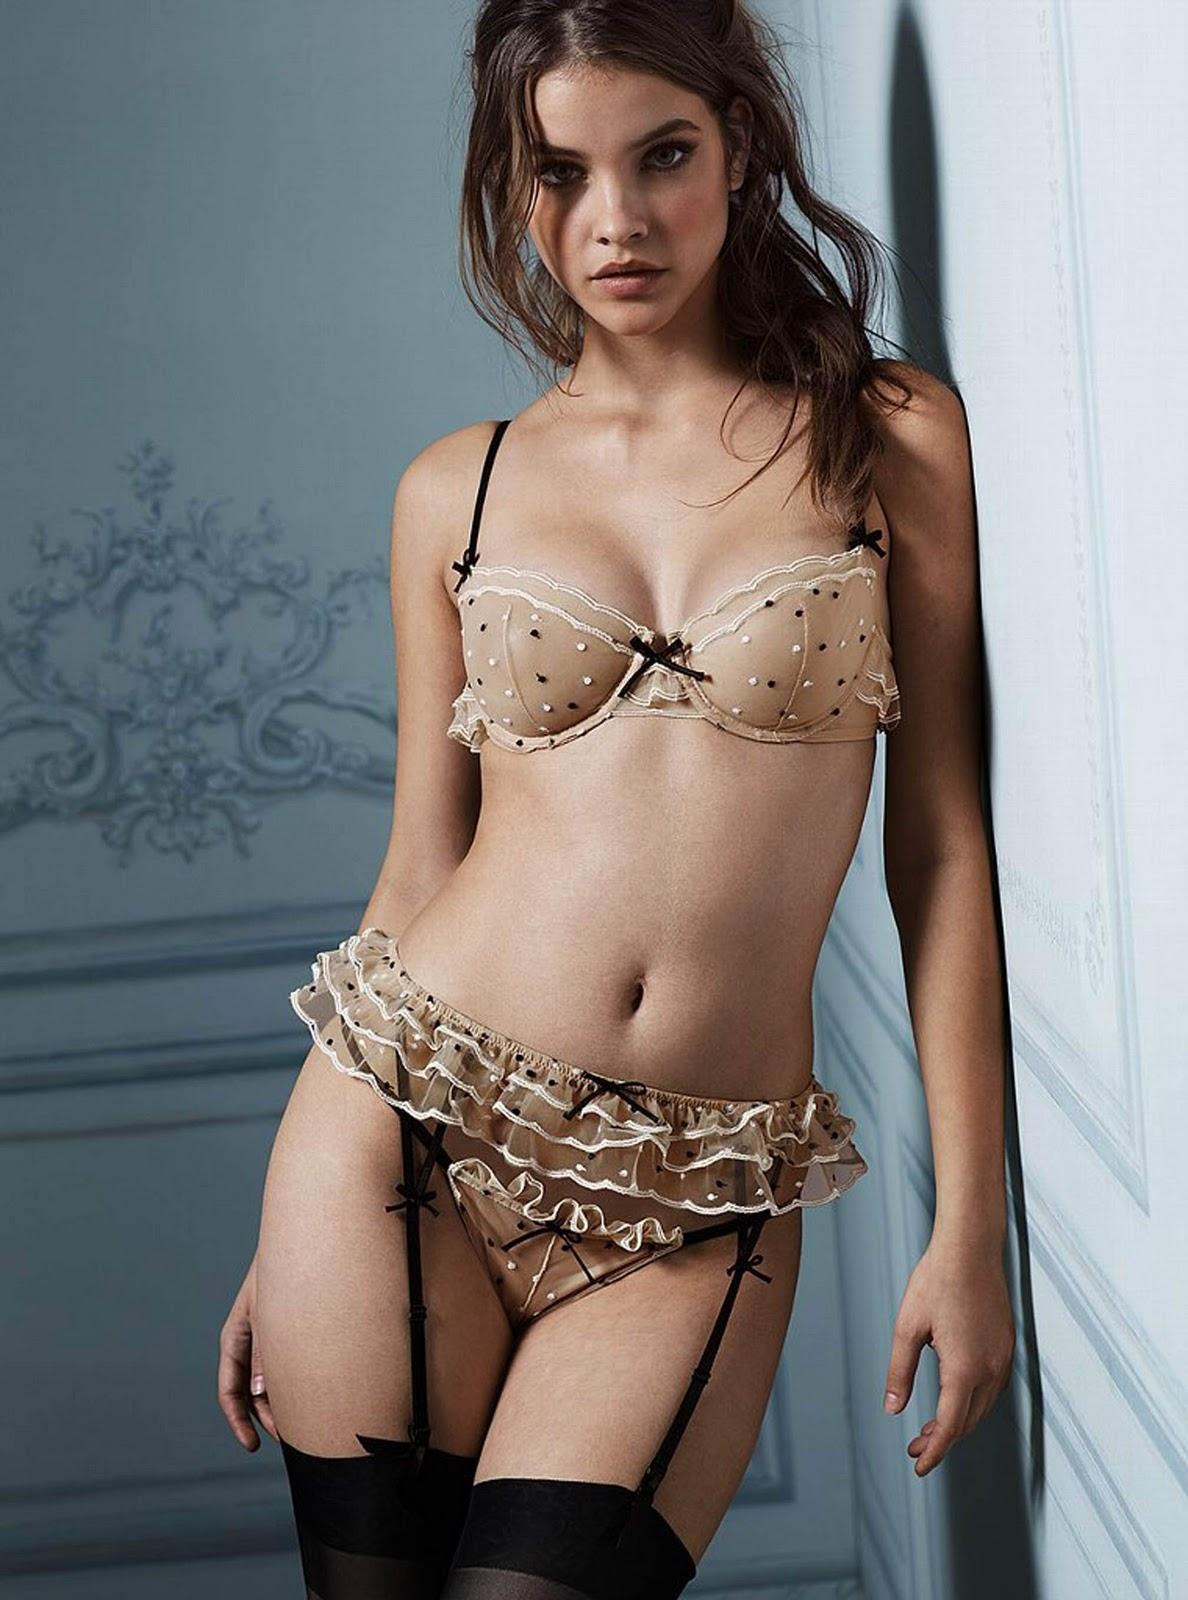 fantasy sexy women nude